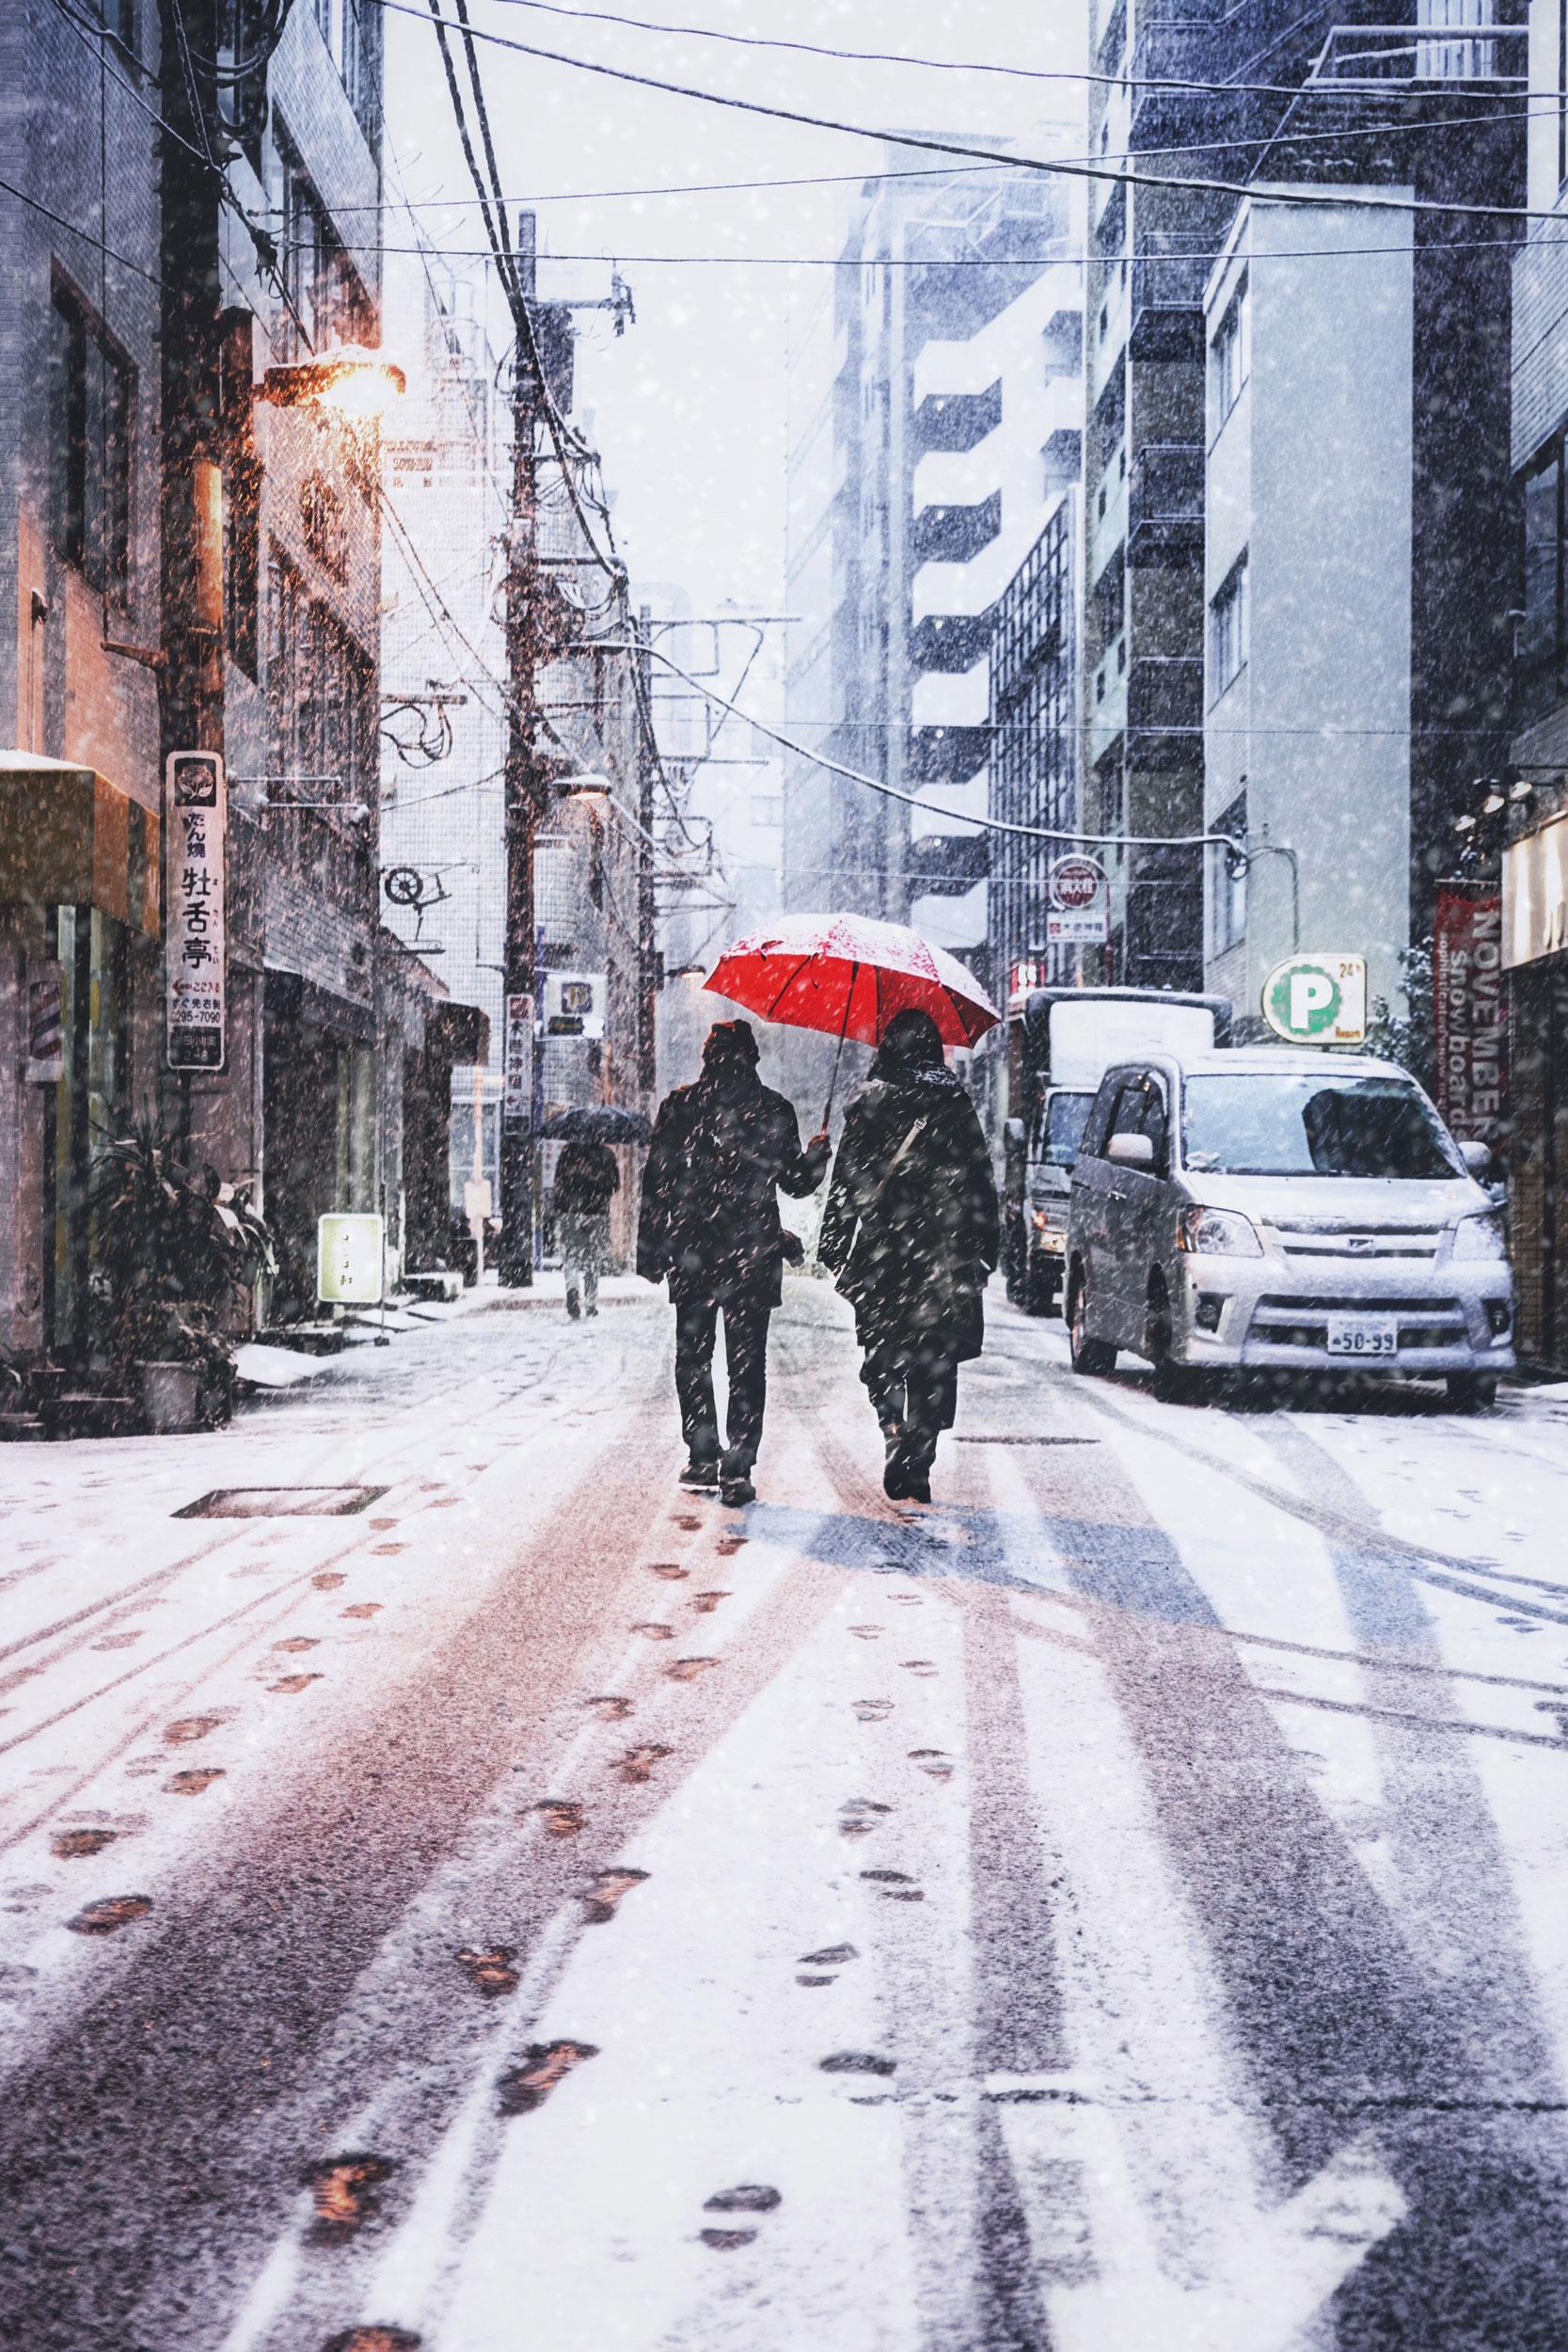 A couple shares an umbrella under the snow near Ochanomizu.